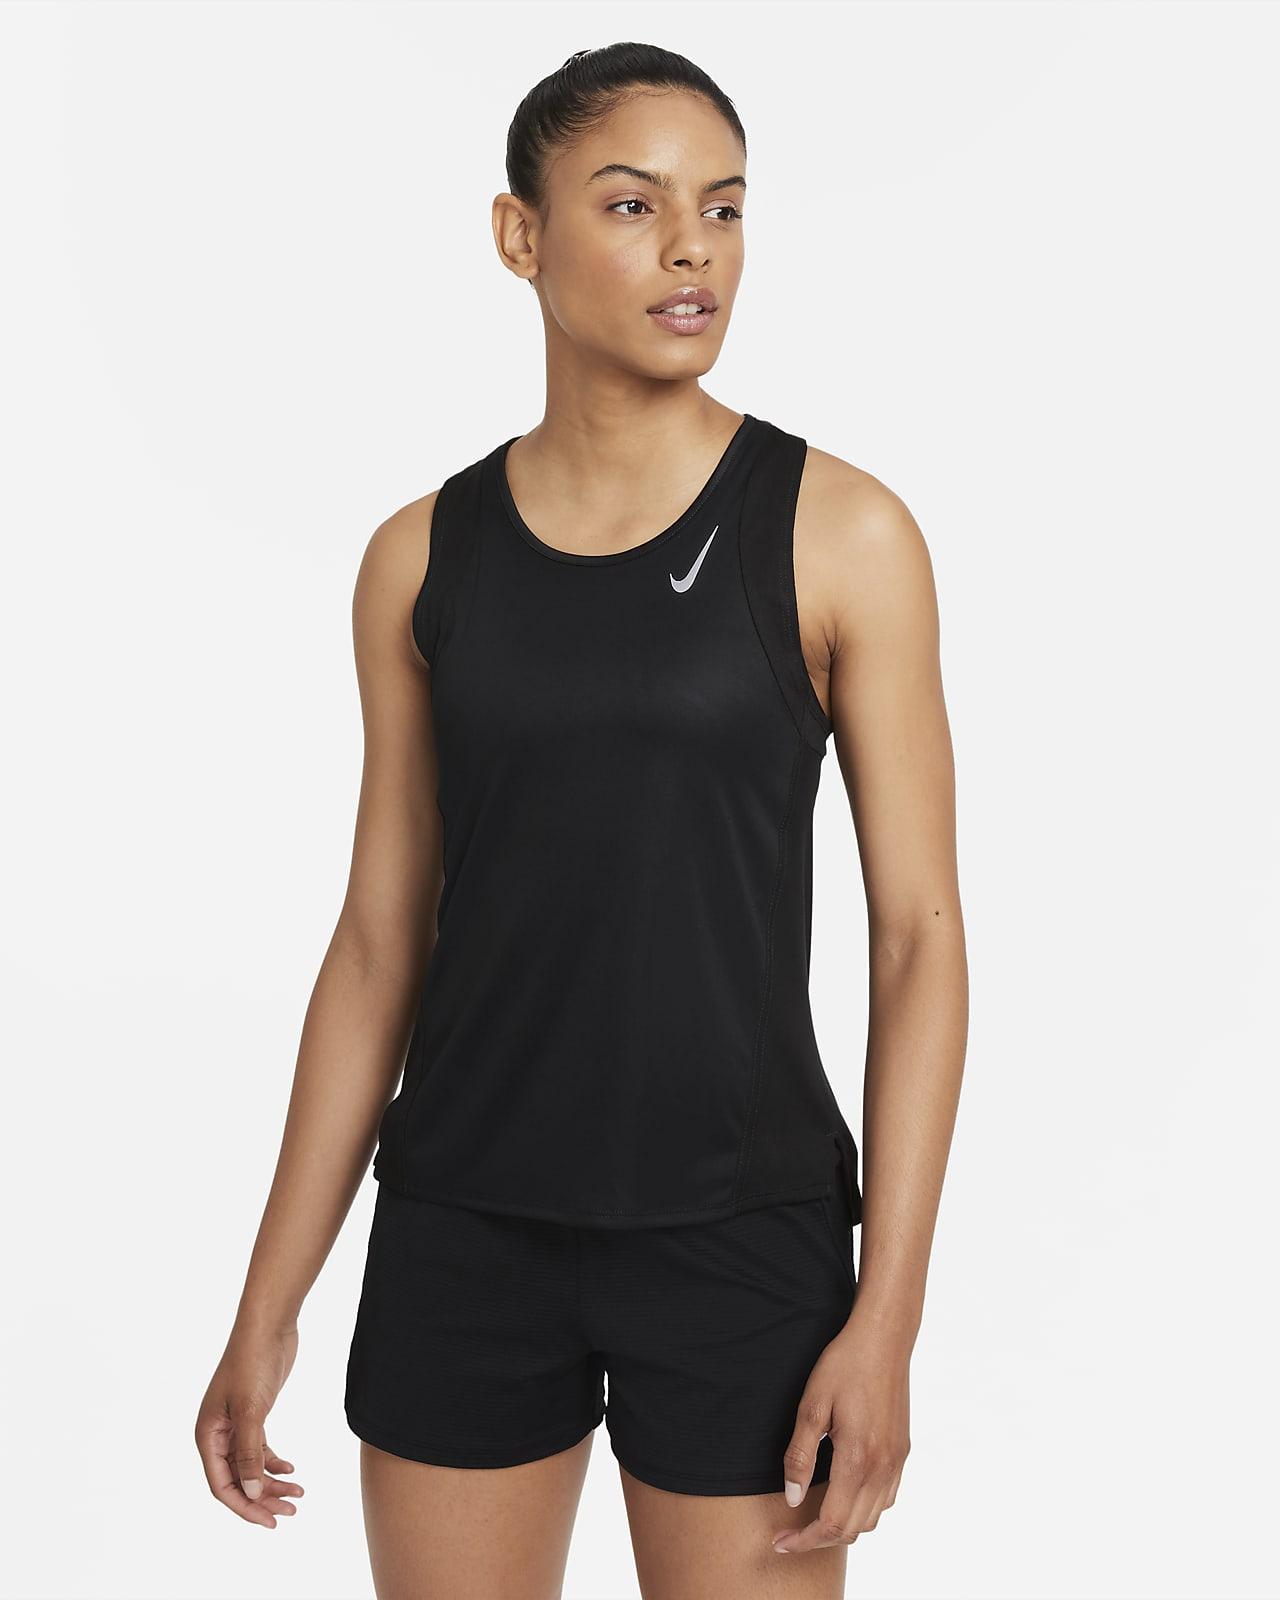 Löparlinne Nike Dri-FIT Race för kvinnor